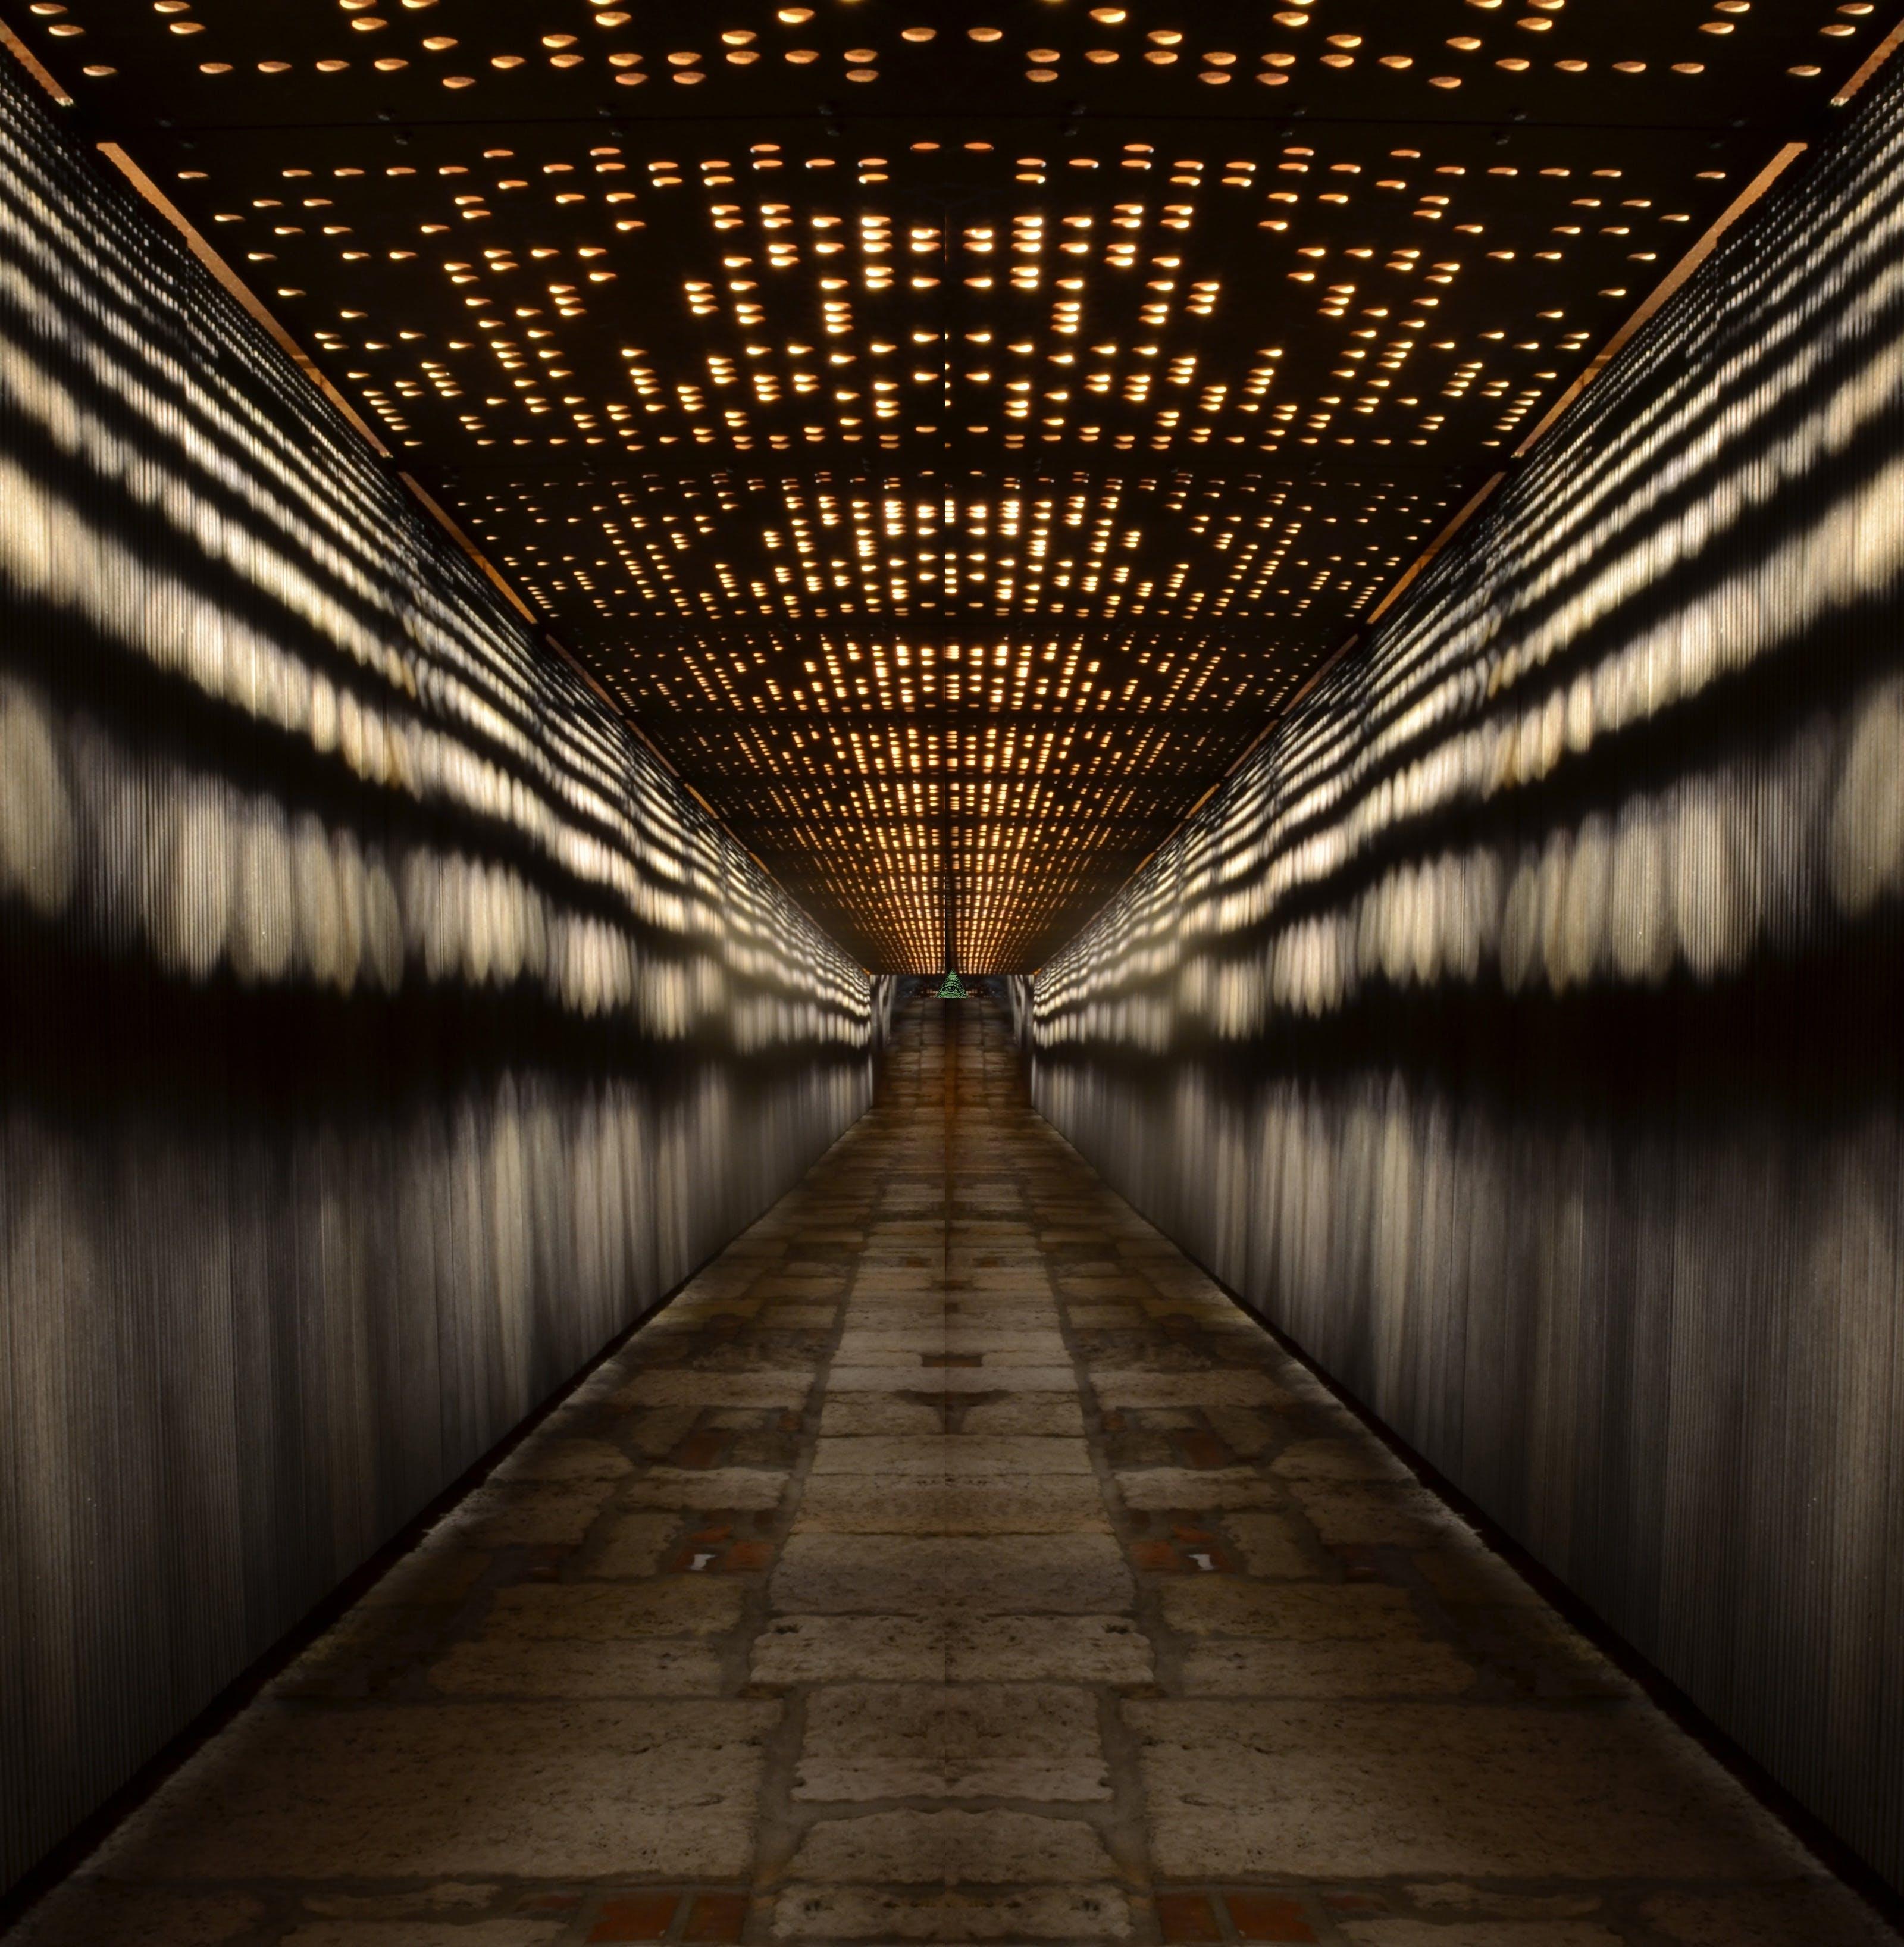 Kostenloses Stock Foto zu abends, architektur, ausleuchtung, budapest